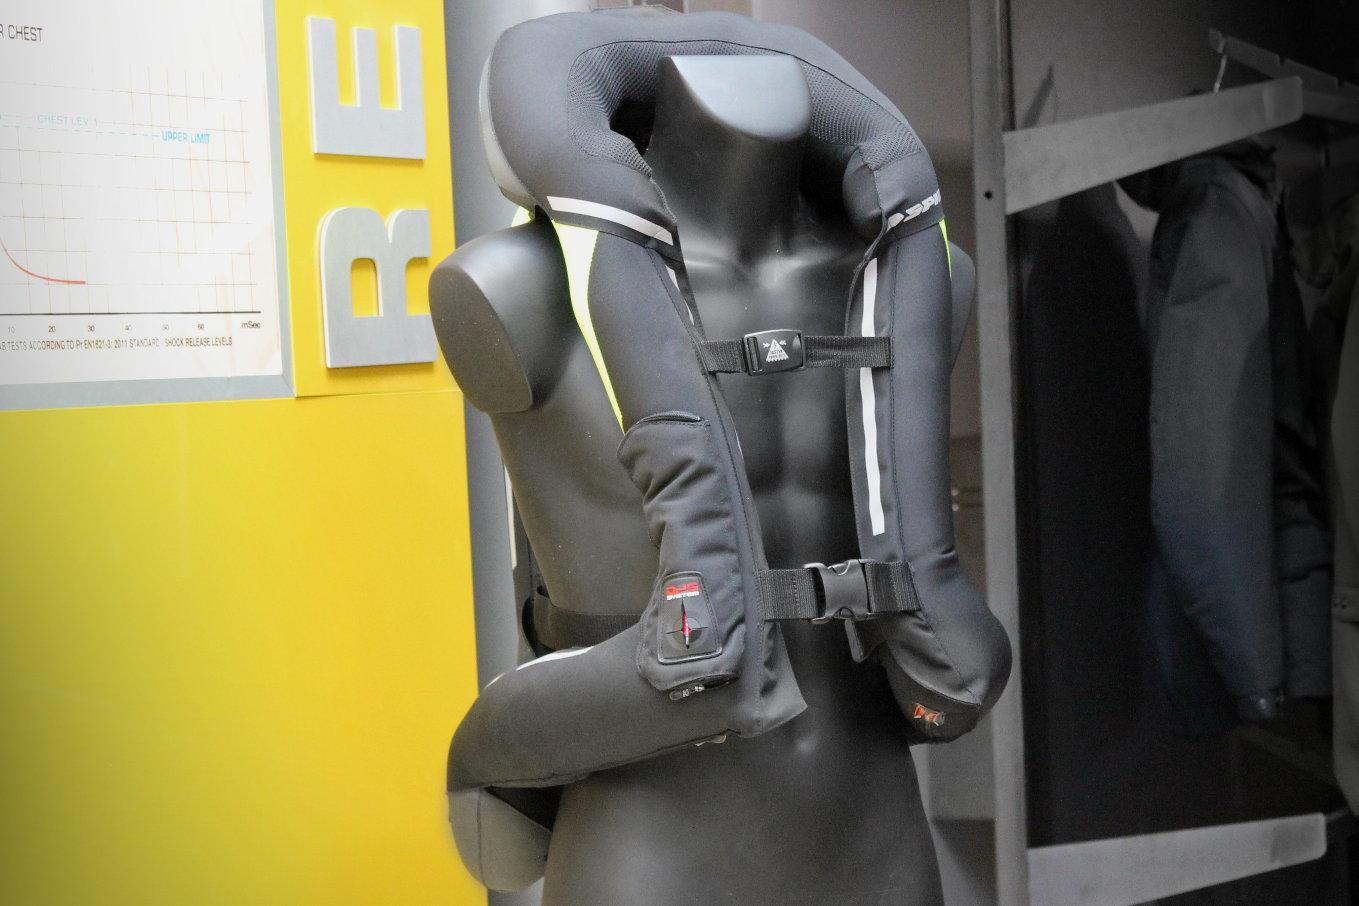 El airbag Spidi completa DPS, mecánicos y de protección